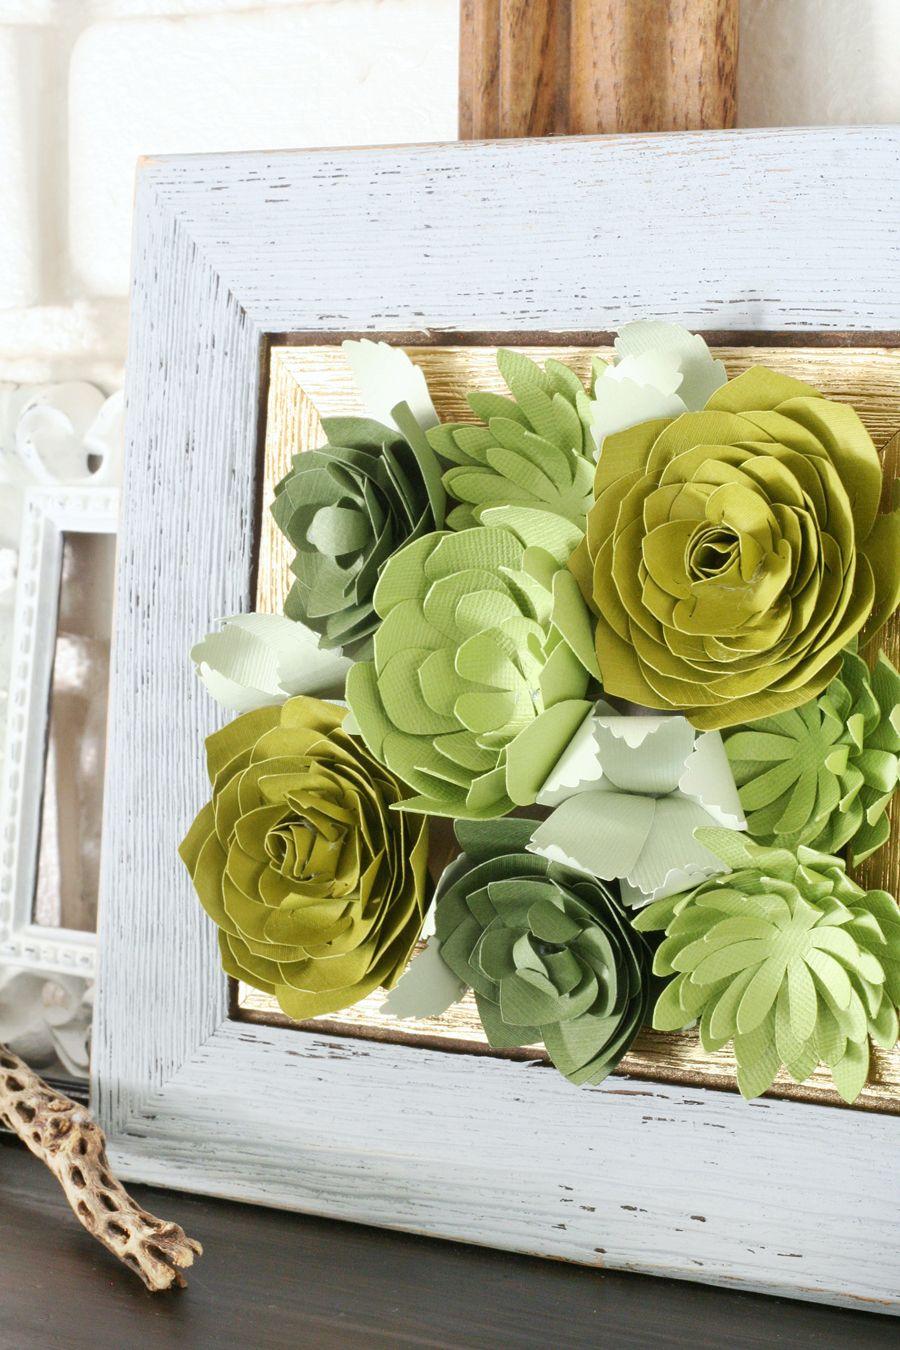 Framed Paper Succulents Paper Crafts Pinterest Paper